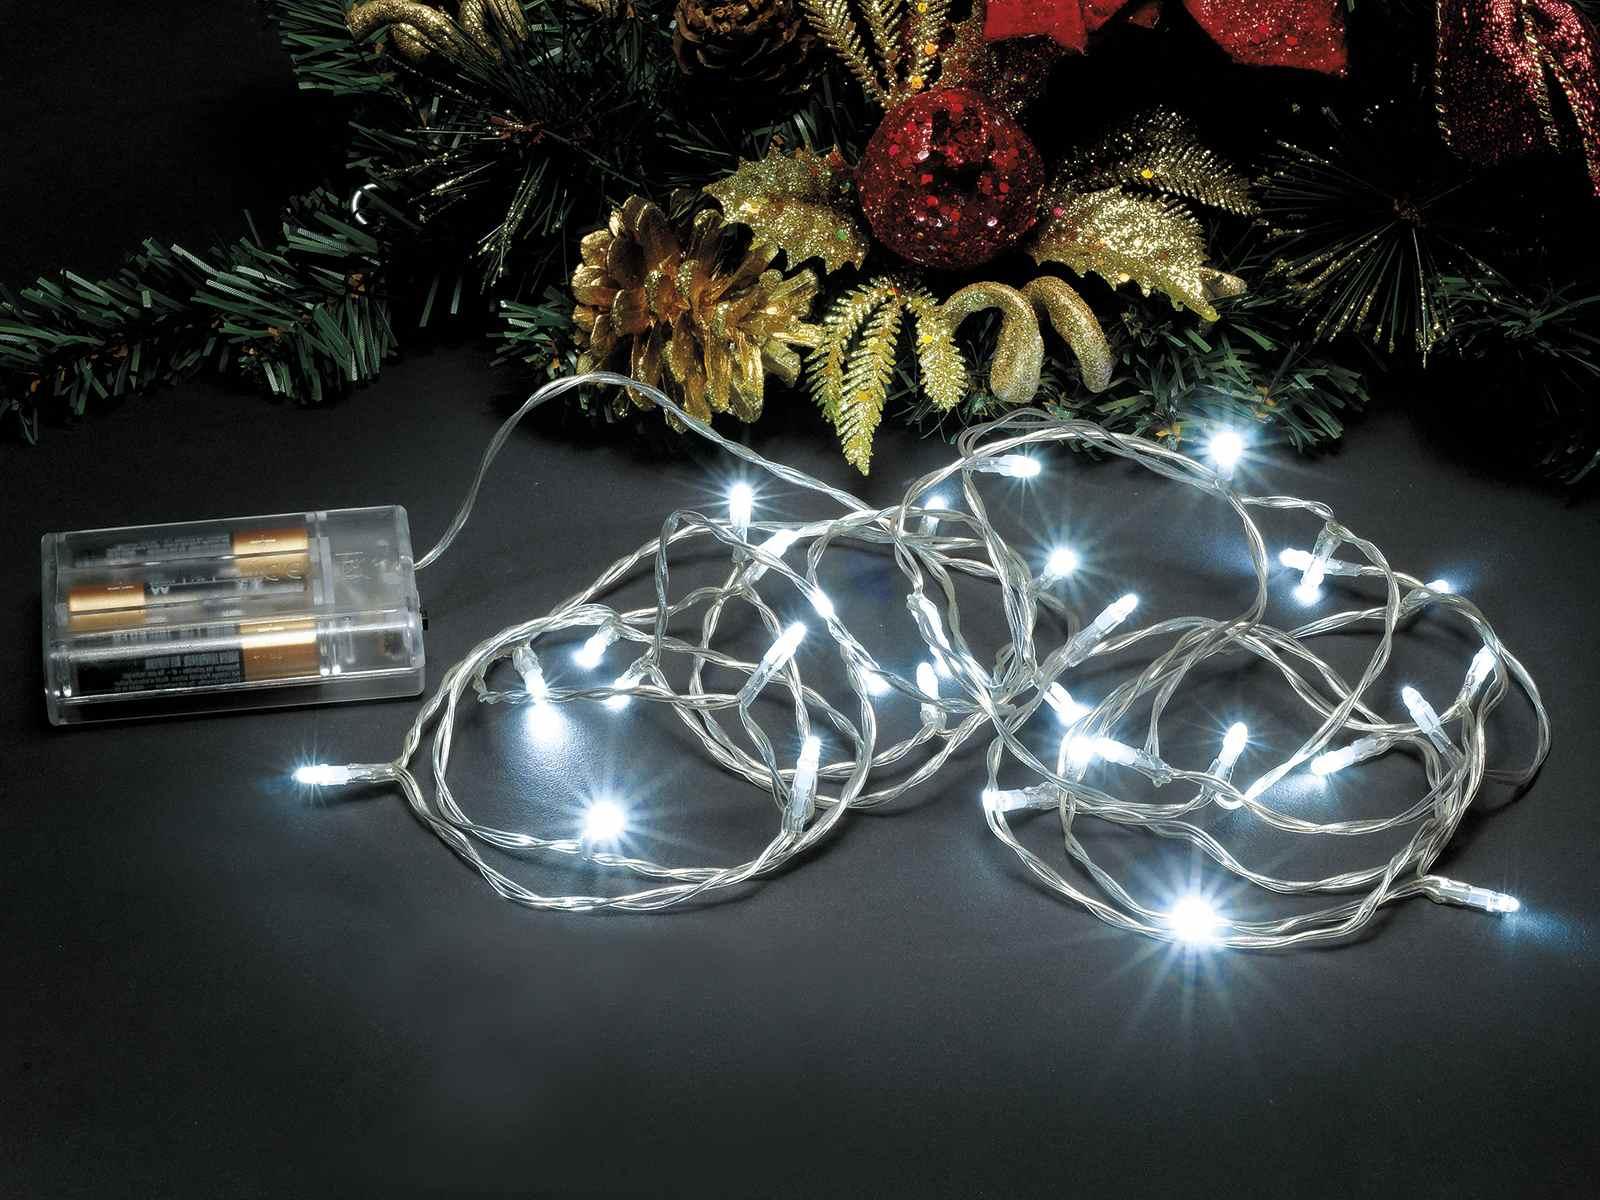 Filo luci a batteria 2 70m 30 led bianco freddo cavo for Luci led piccole